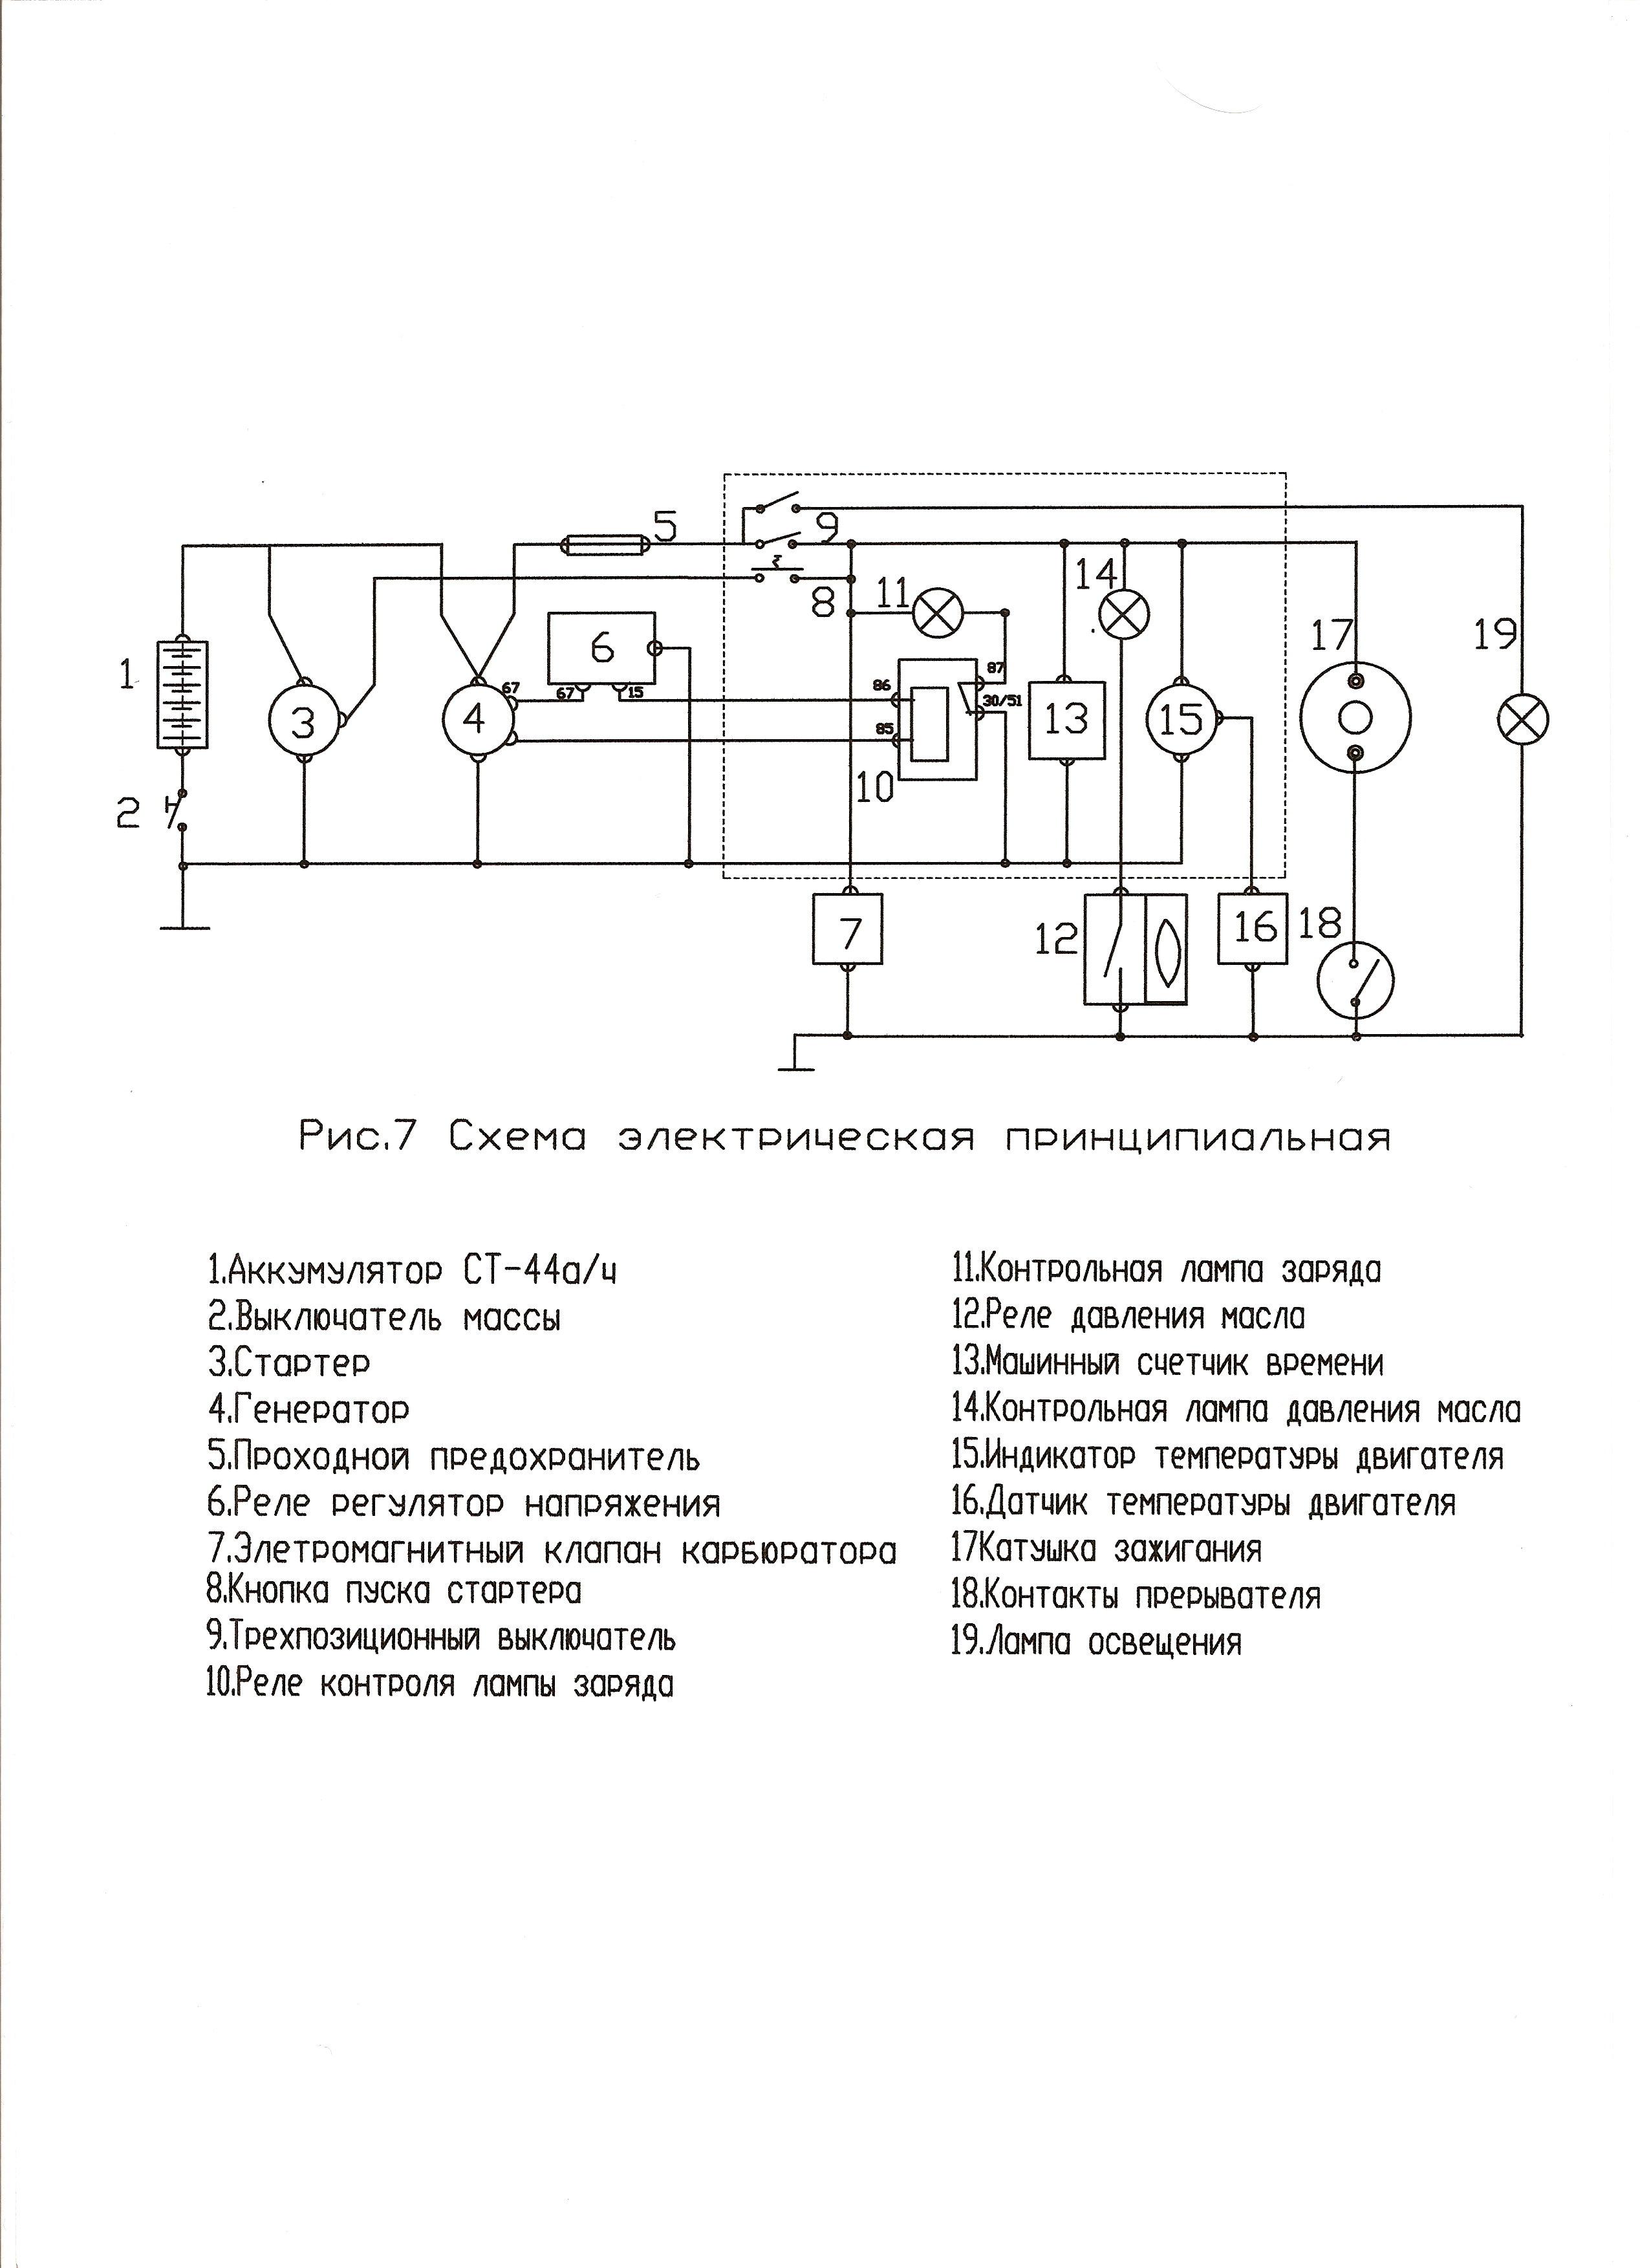 Принципиальные схемы измерительных приборов.